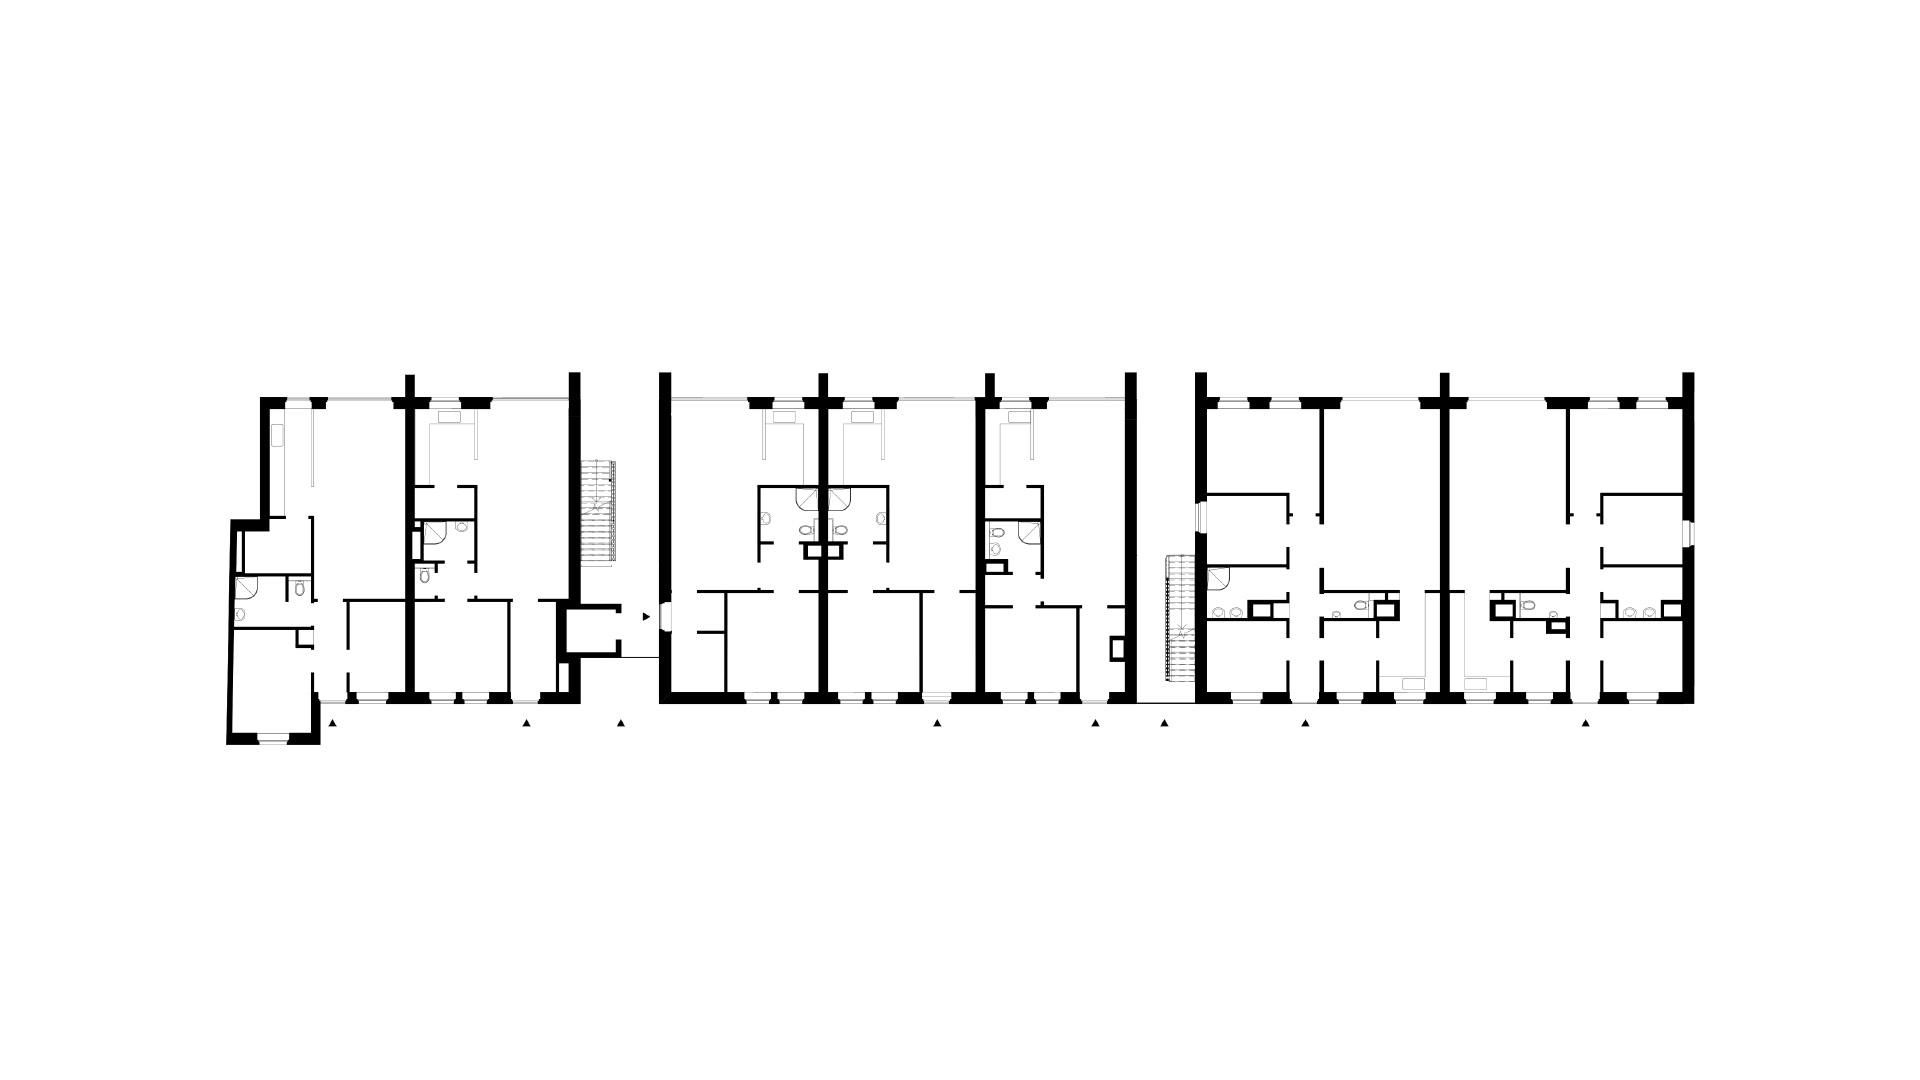 Trojka, collectieve woningen, Scherpenheuvel-Zichem-1523086326